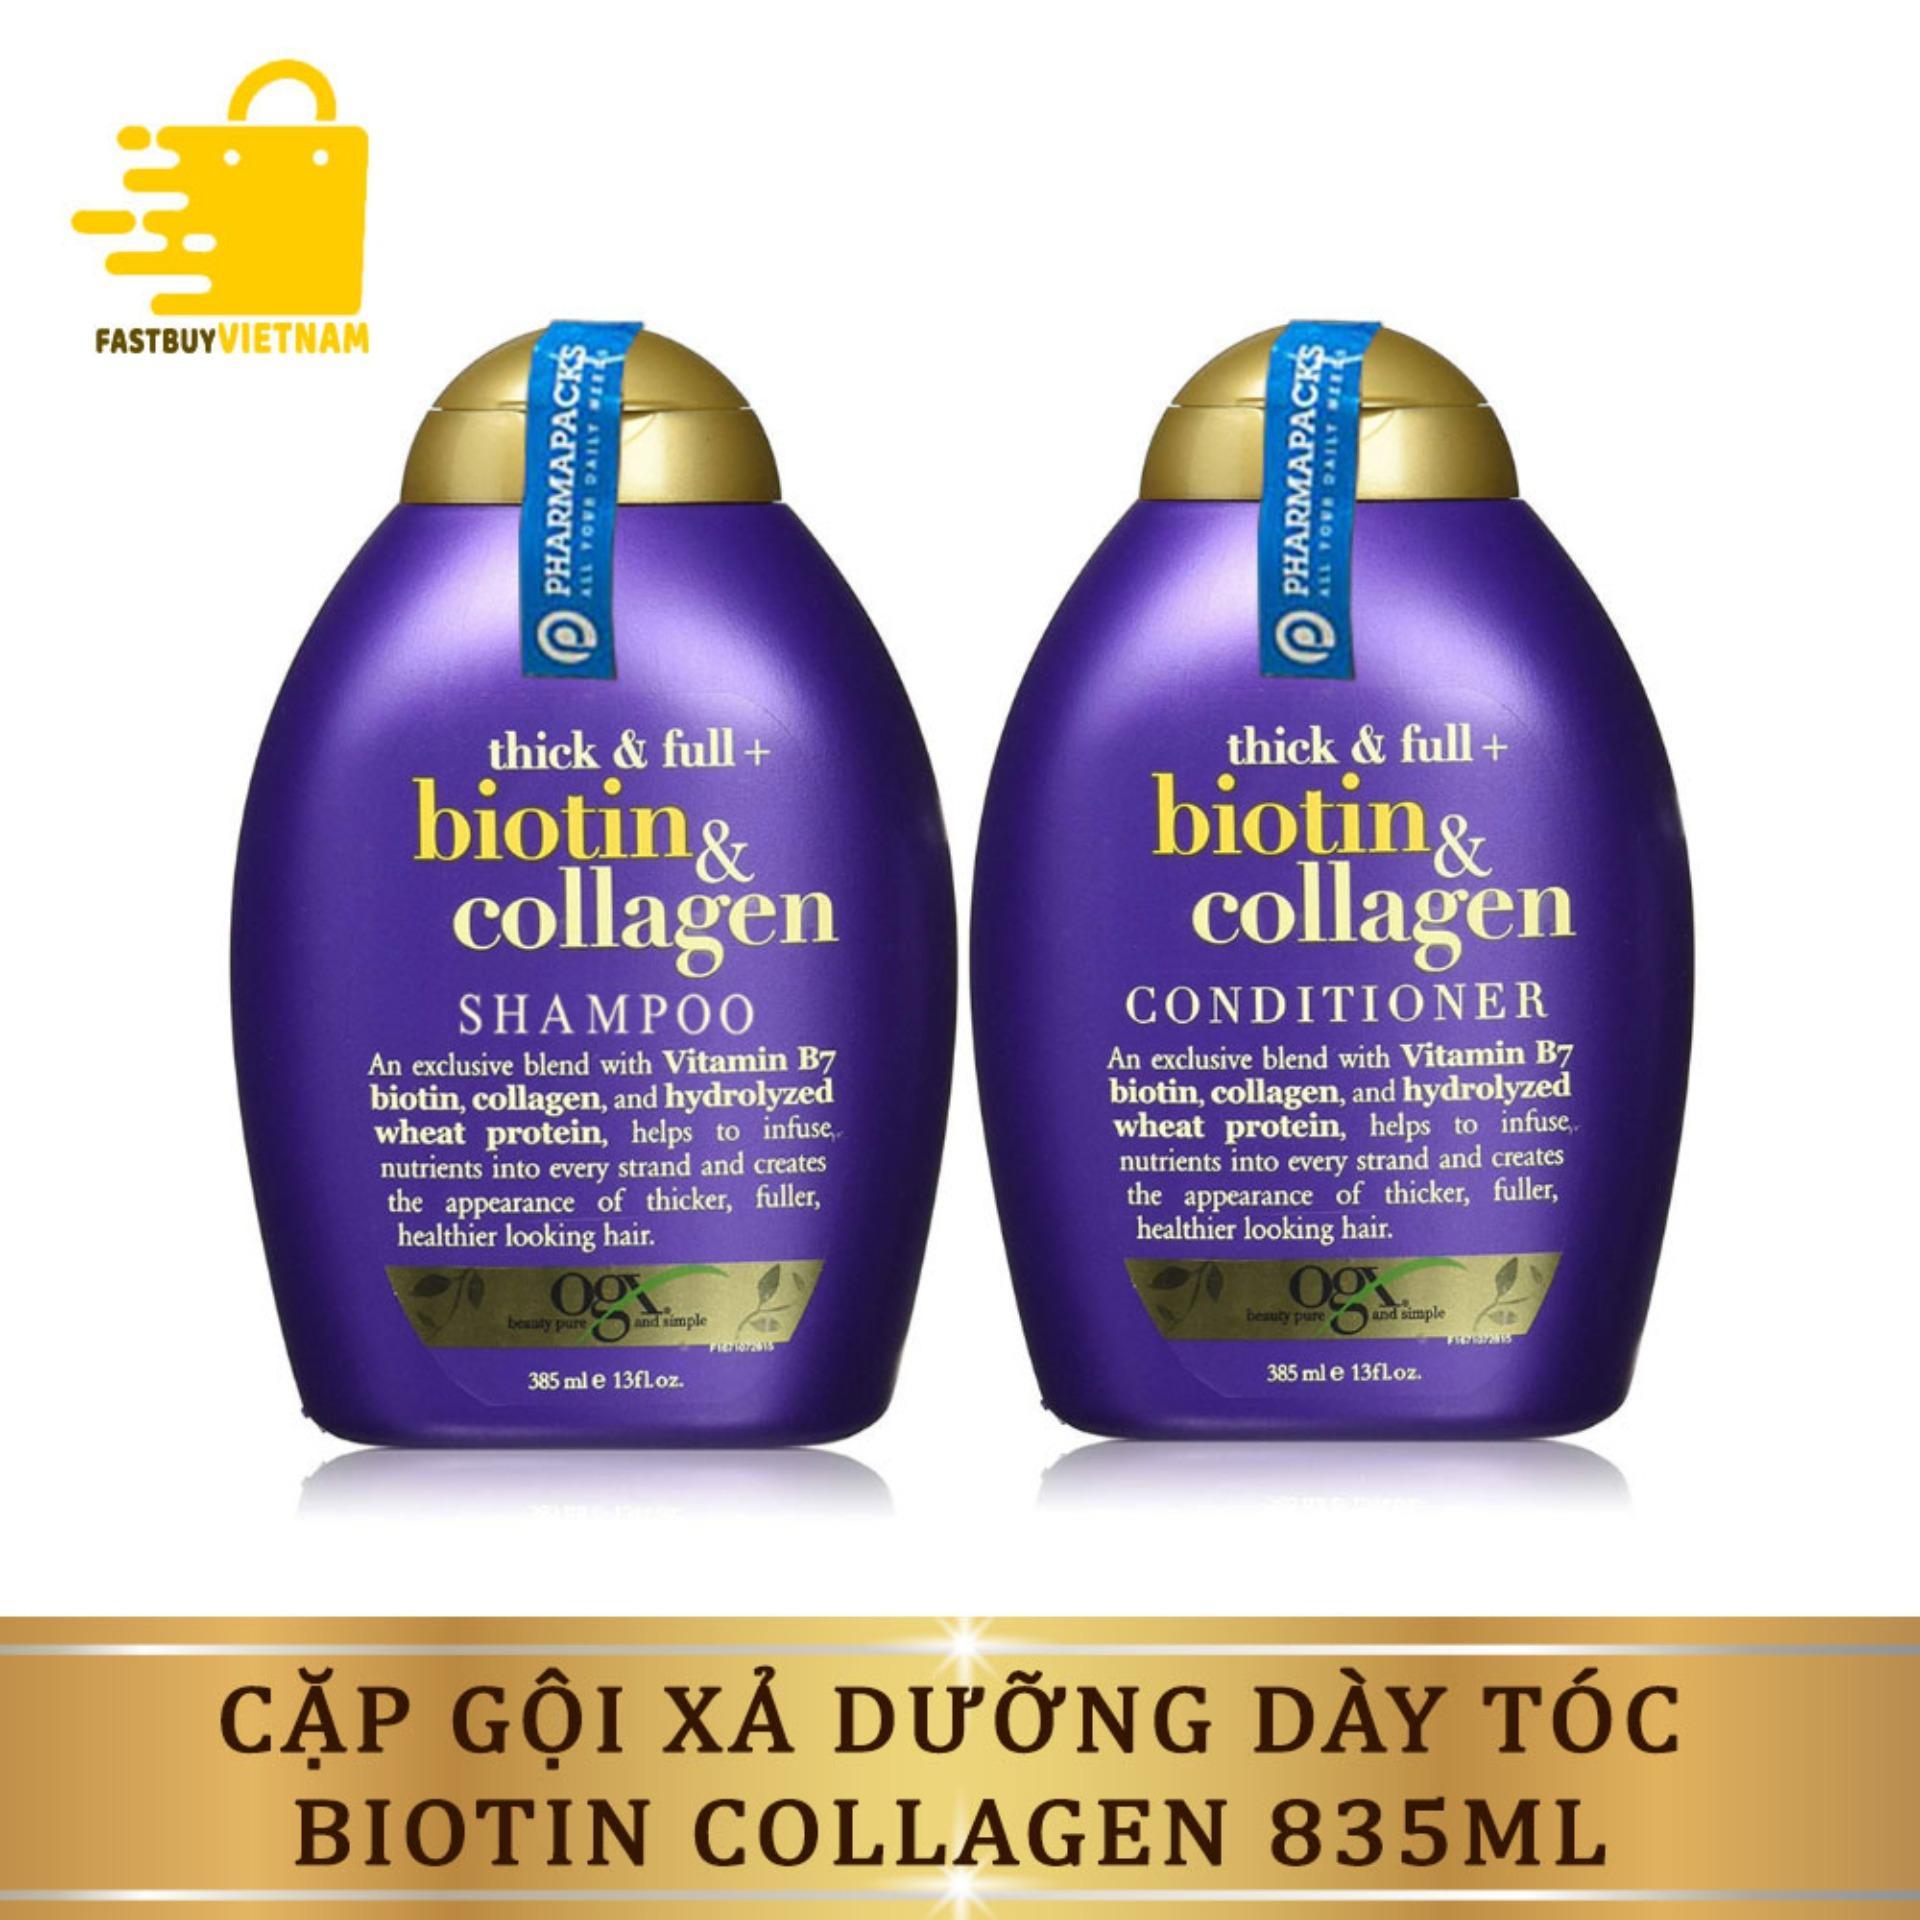 Bộ Dầu Gội Xả - Dầu Gội Cặp Dưỡng Dày Tóc Biotin Collagen 385ml